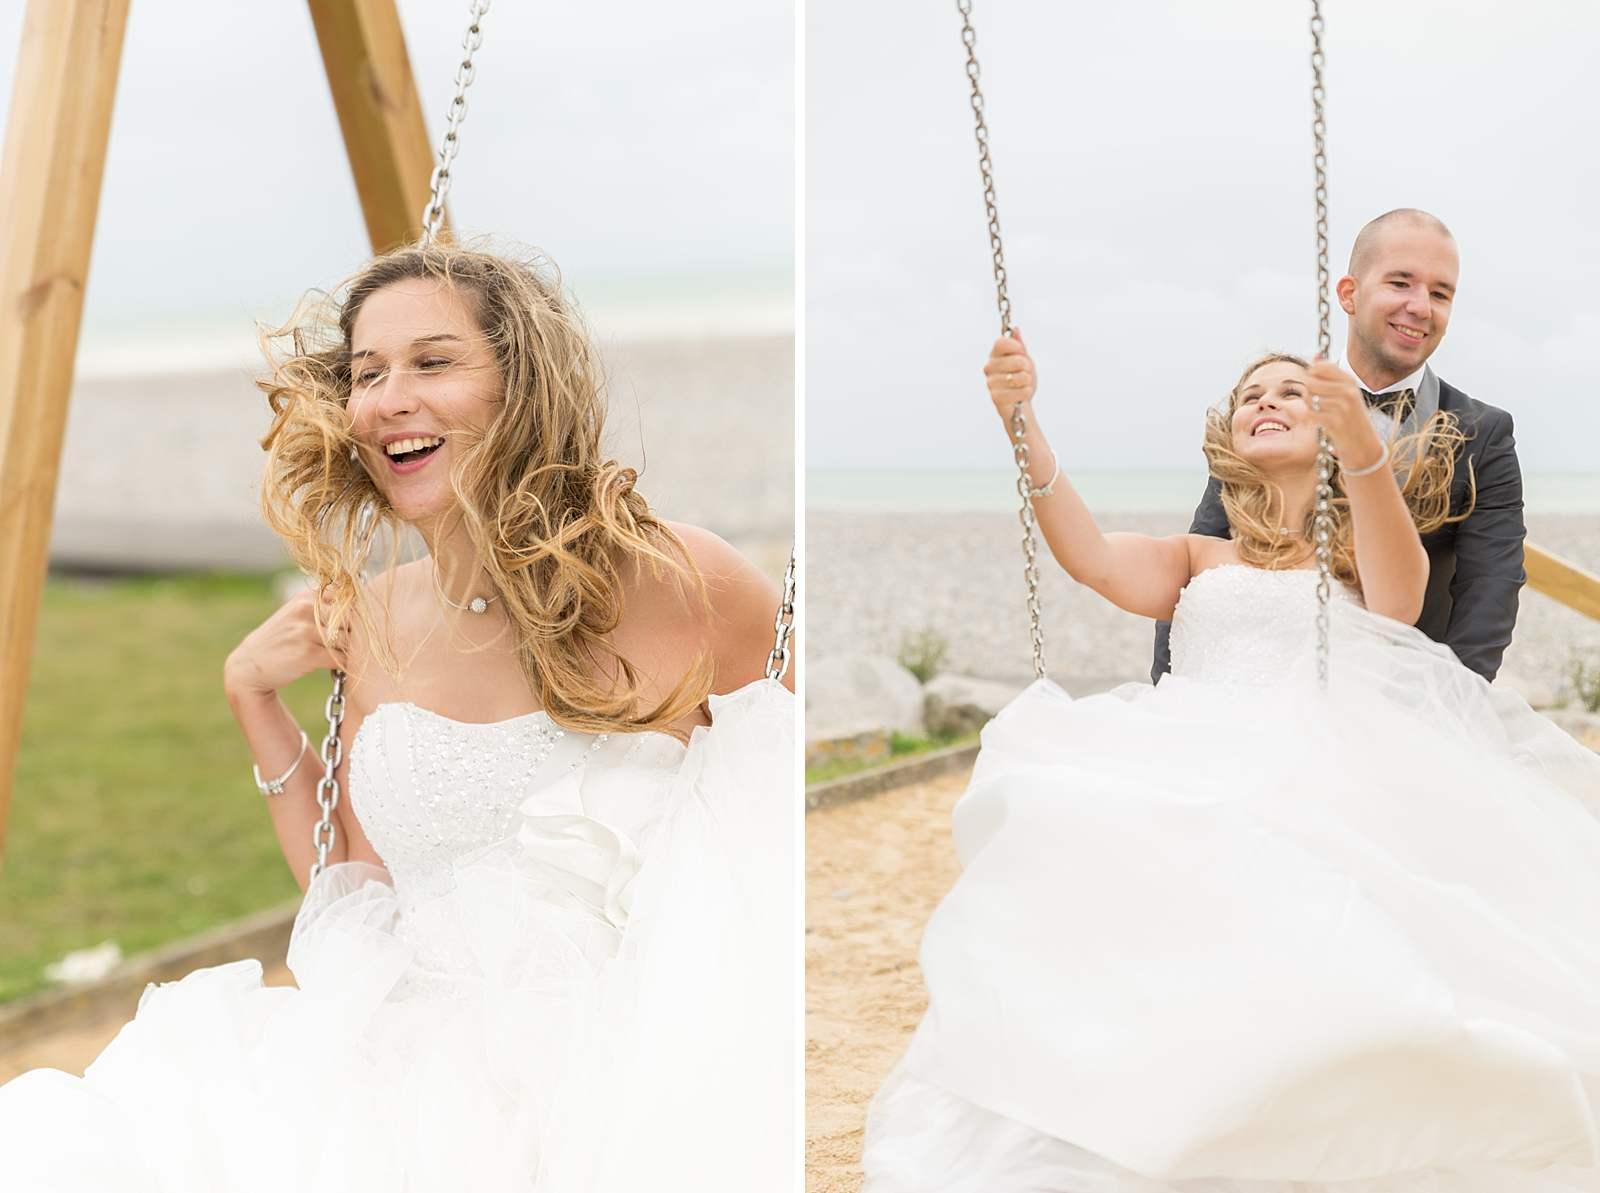 la mariée fait de la balançoire. Elle rie et son mari la pousse.